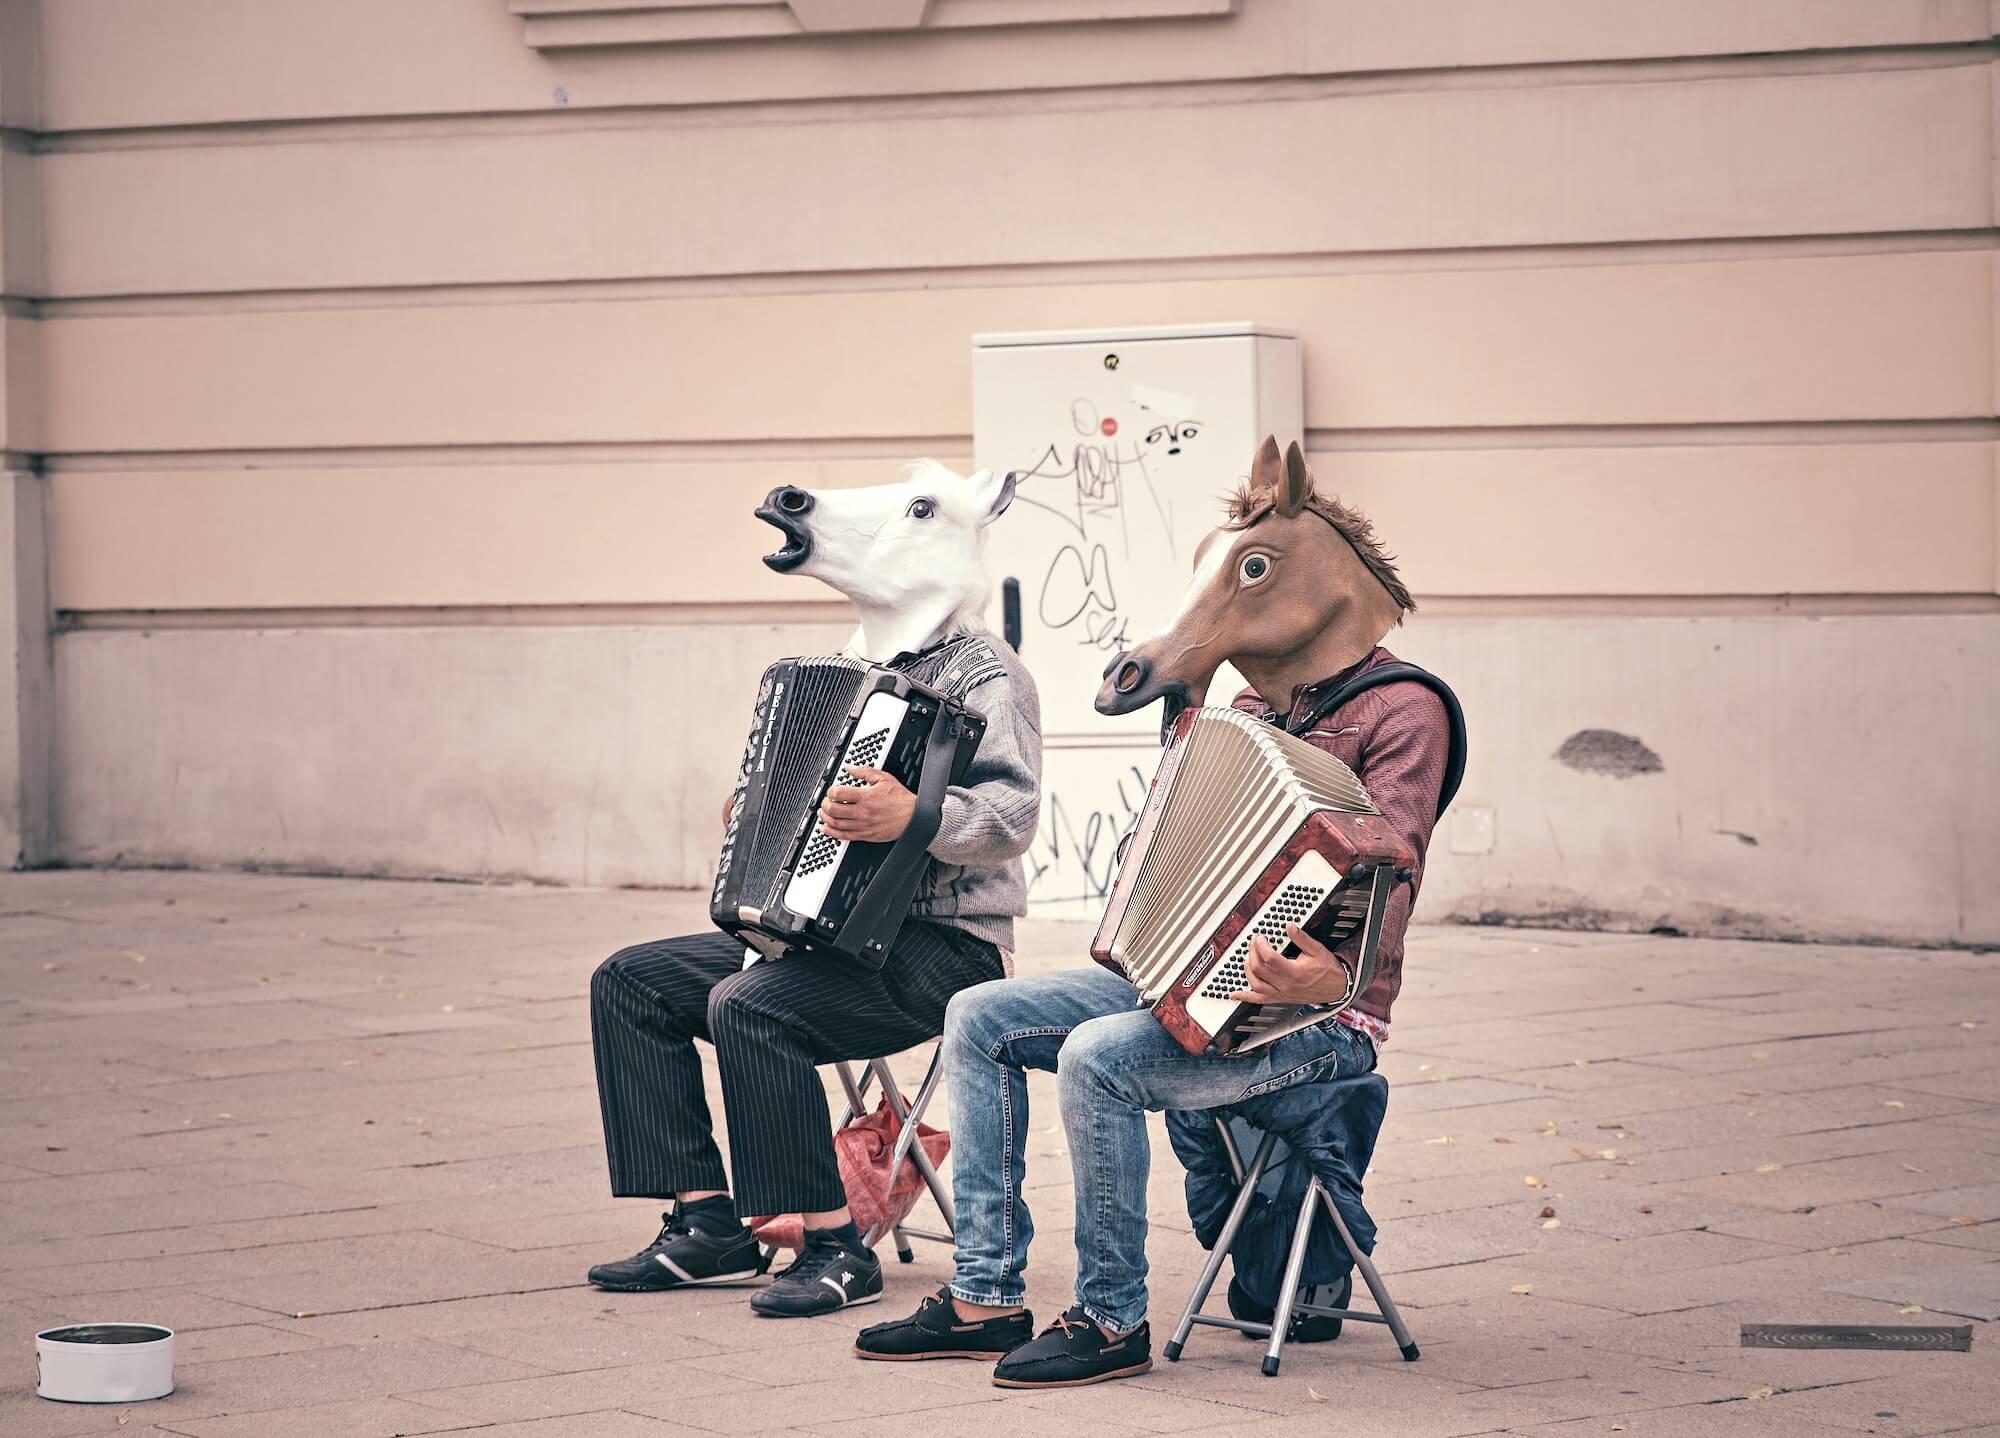 Фотография: Dominik Vanyi. Источник: Unsplash.com